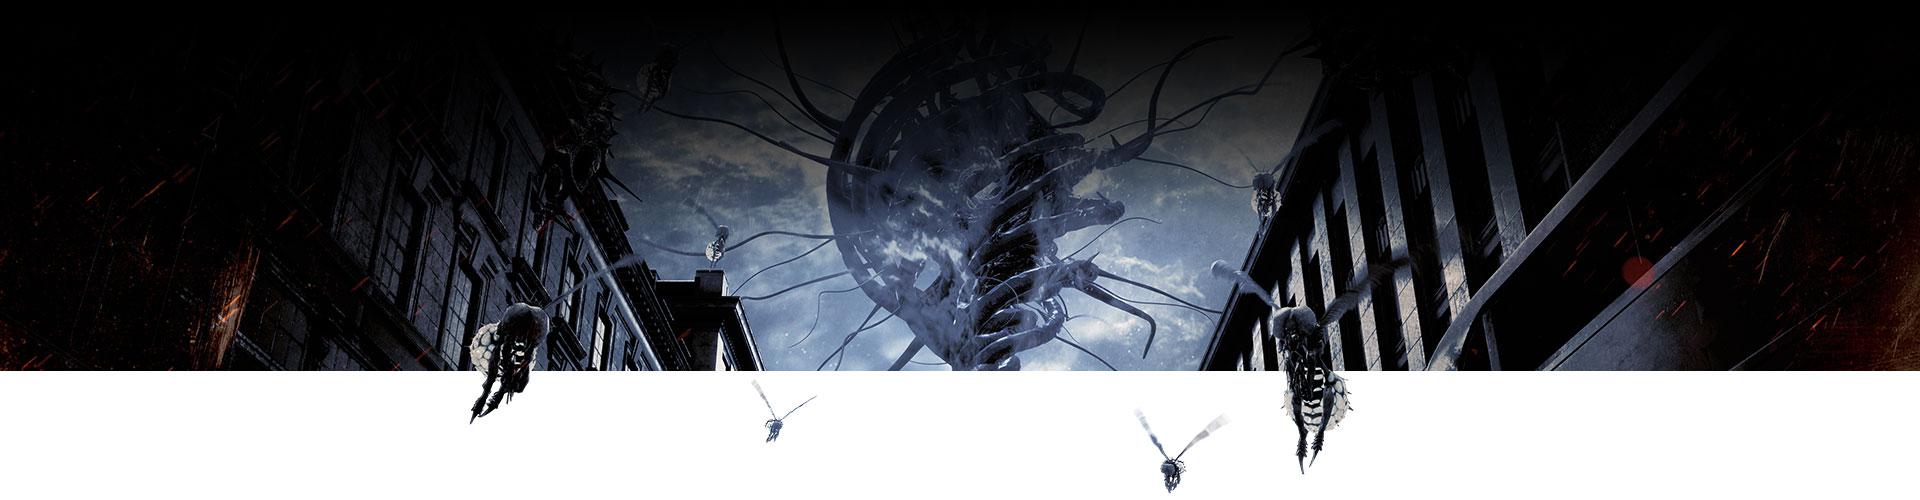 Terk edilmiş şehirde böcekler uçuşuyor